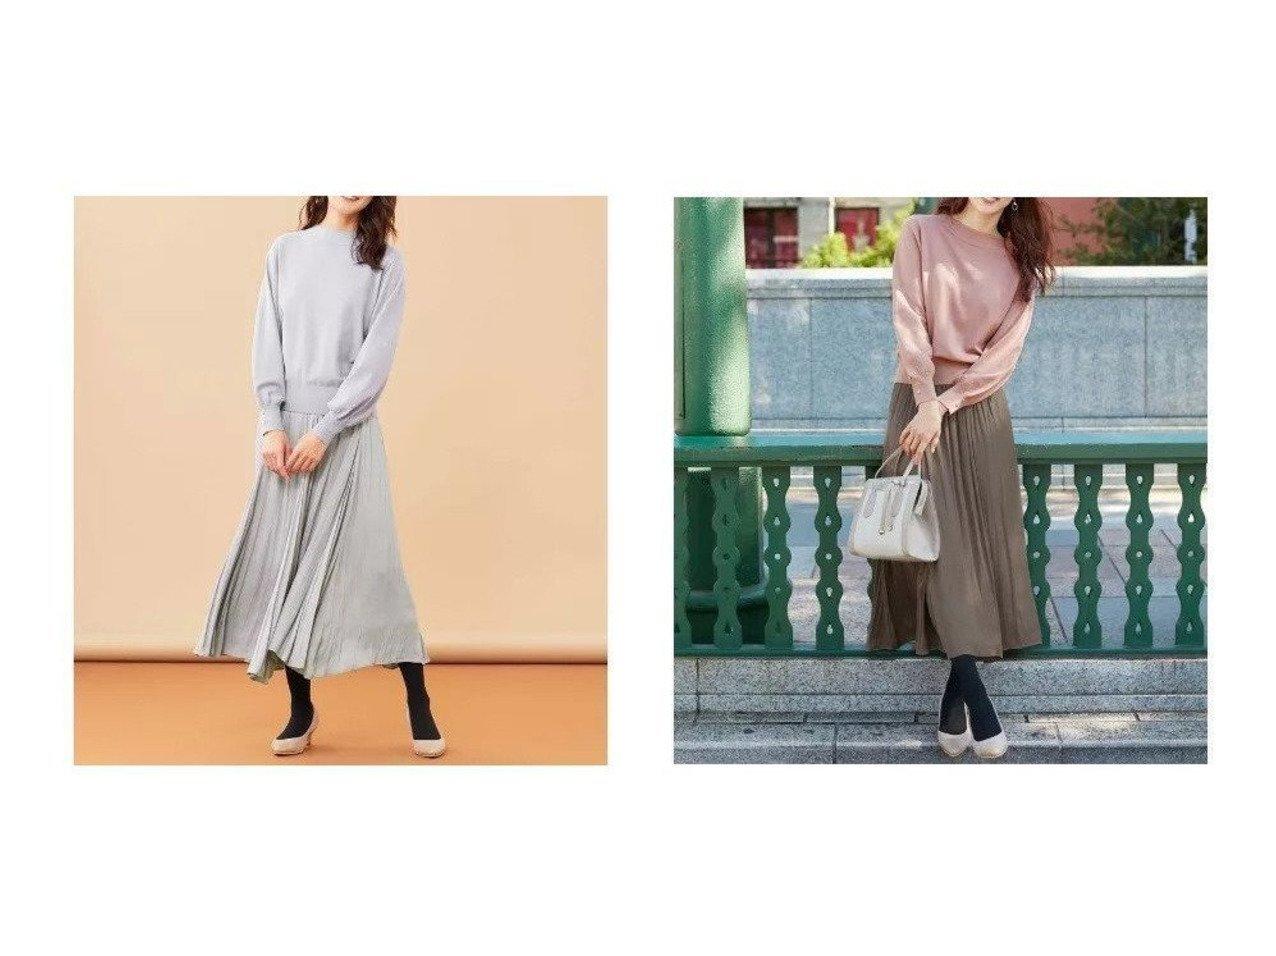 【any SiS/エニィ スィス】の【美人百花12月号掲載】ボウタイニット サテンスカート セットアップ スカートのおすすめ!人気、レディースファッションの通販 おすすめで人気のファッション通販商品 インテリア・家具・キッズファッション・メンズファッション・レディースファッション・服の通販 founy(ファニー) https://founy.com/ 雑誌掲載アイテム Magazine items ファッション雑誌 Fashion magazines ビジンヒャッカ 美人百花 ファッション Fashion レディース WOMEN トップス Tops Tshirt ニット Knit Tops セットアップ Setup トップス Tops スカート Skirt クラシカル コラボ サテン シンプル スニーカー セットアップ 雑誌 トレンド なめらか ミモレ ロング |ID:crp329100000002199